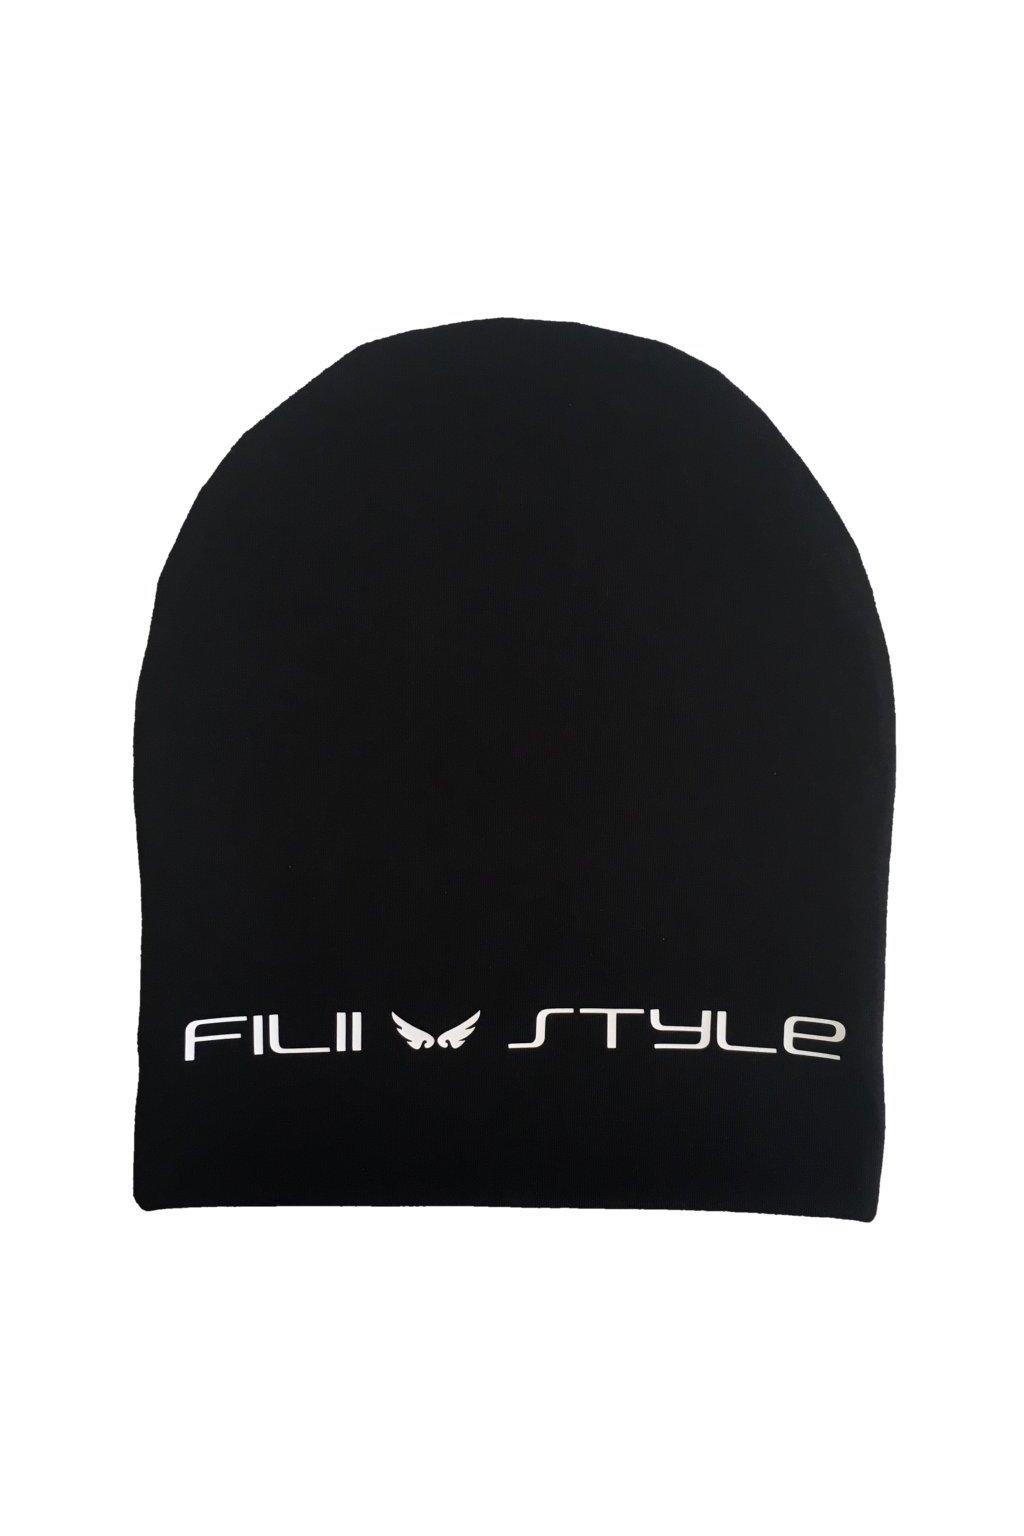 HOUMLES ČIAPKA FILII STYLE (čierna+biele logo)